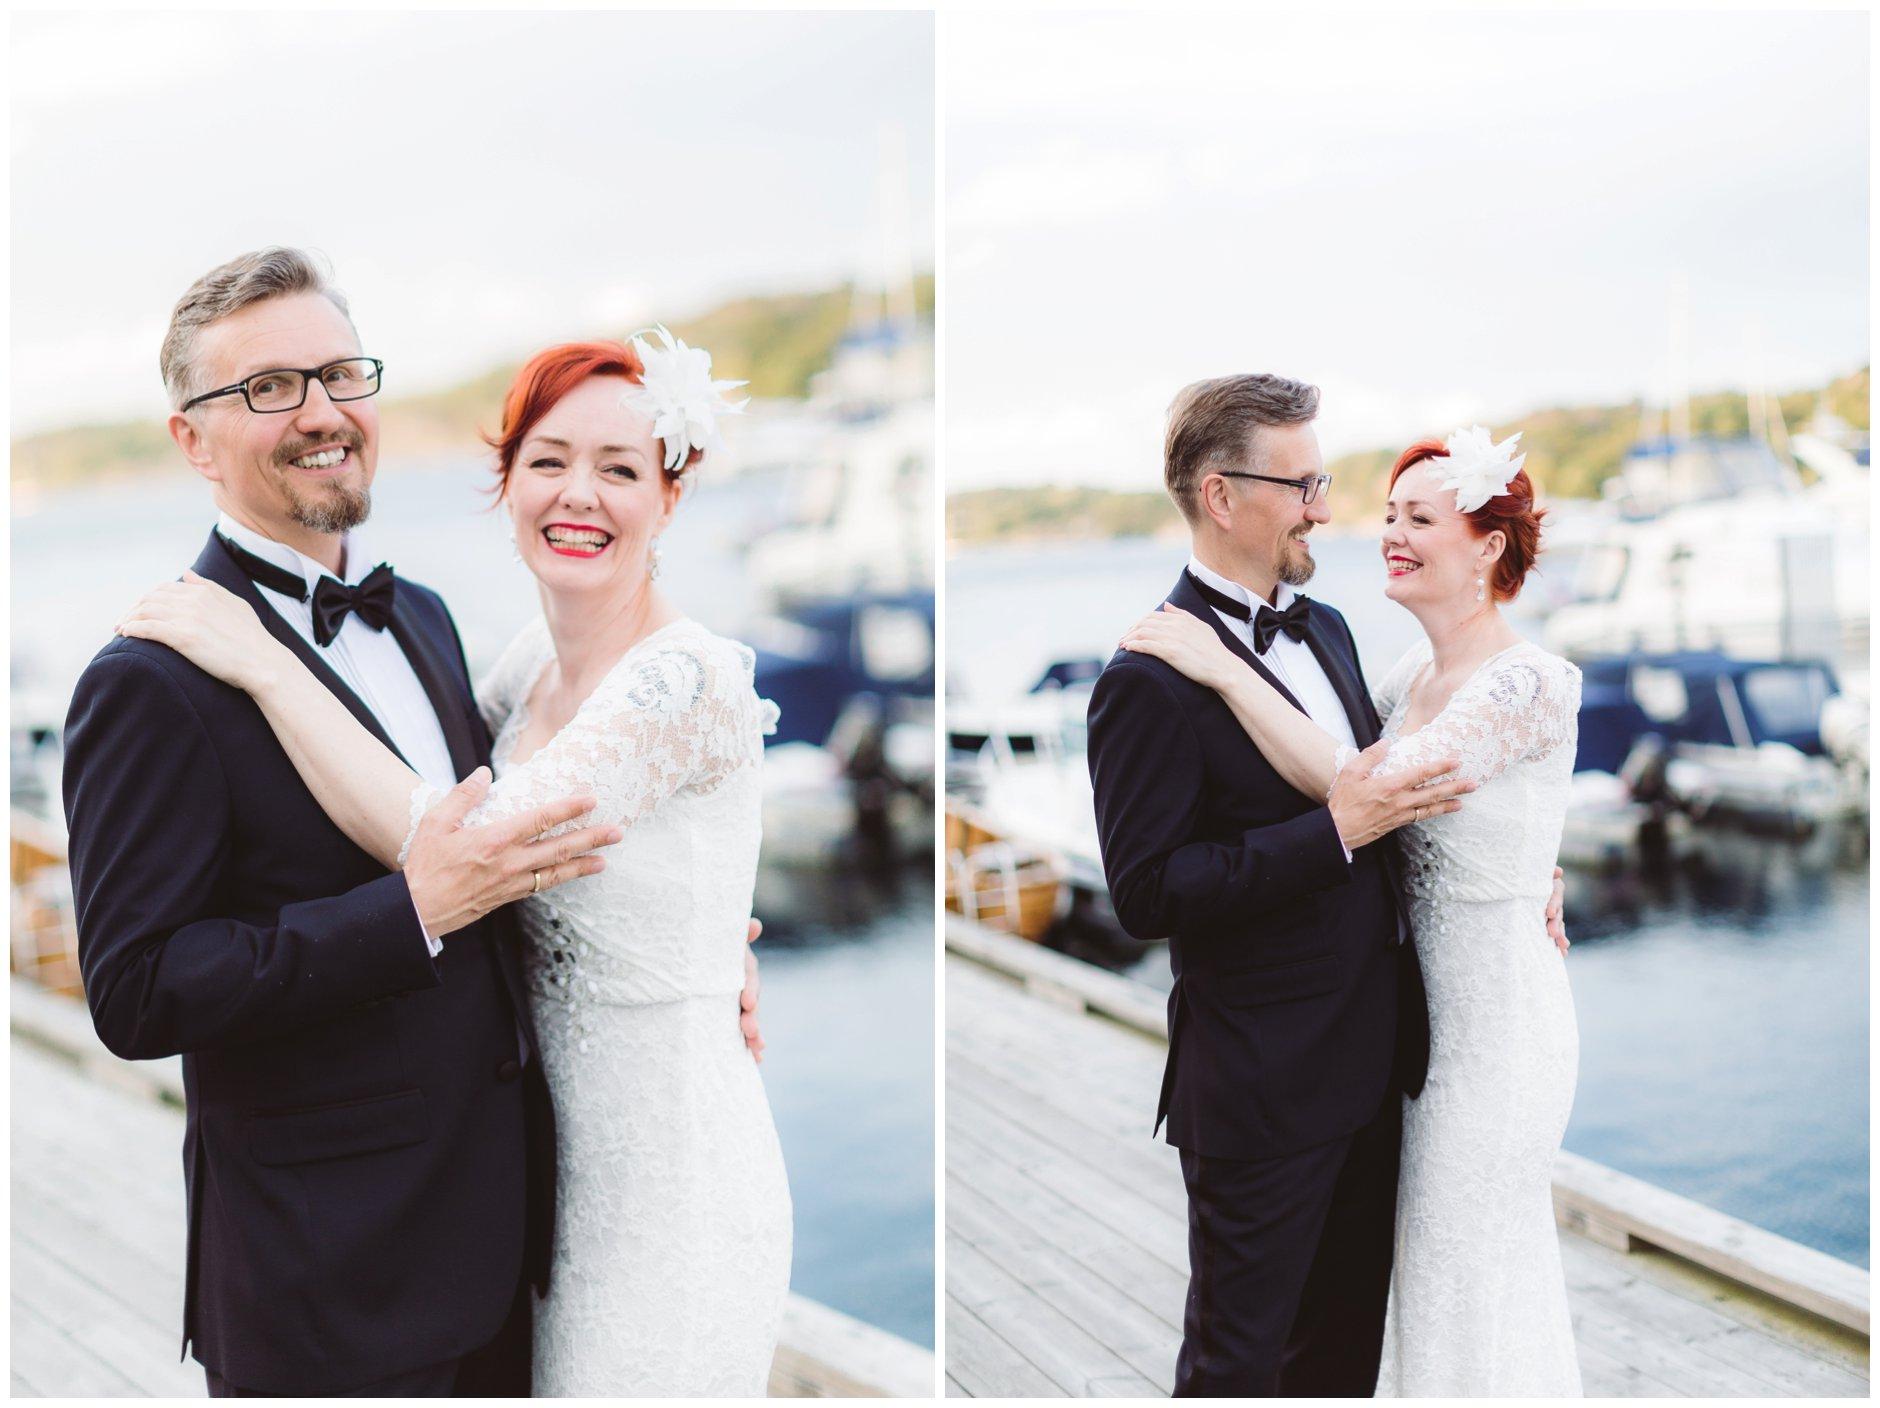 Fotograf-Eline-Jacobine-Bryllup-Tjøme-Scandic-Havna-Trine-og-Halvor_0151